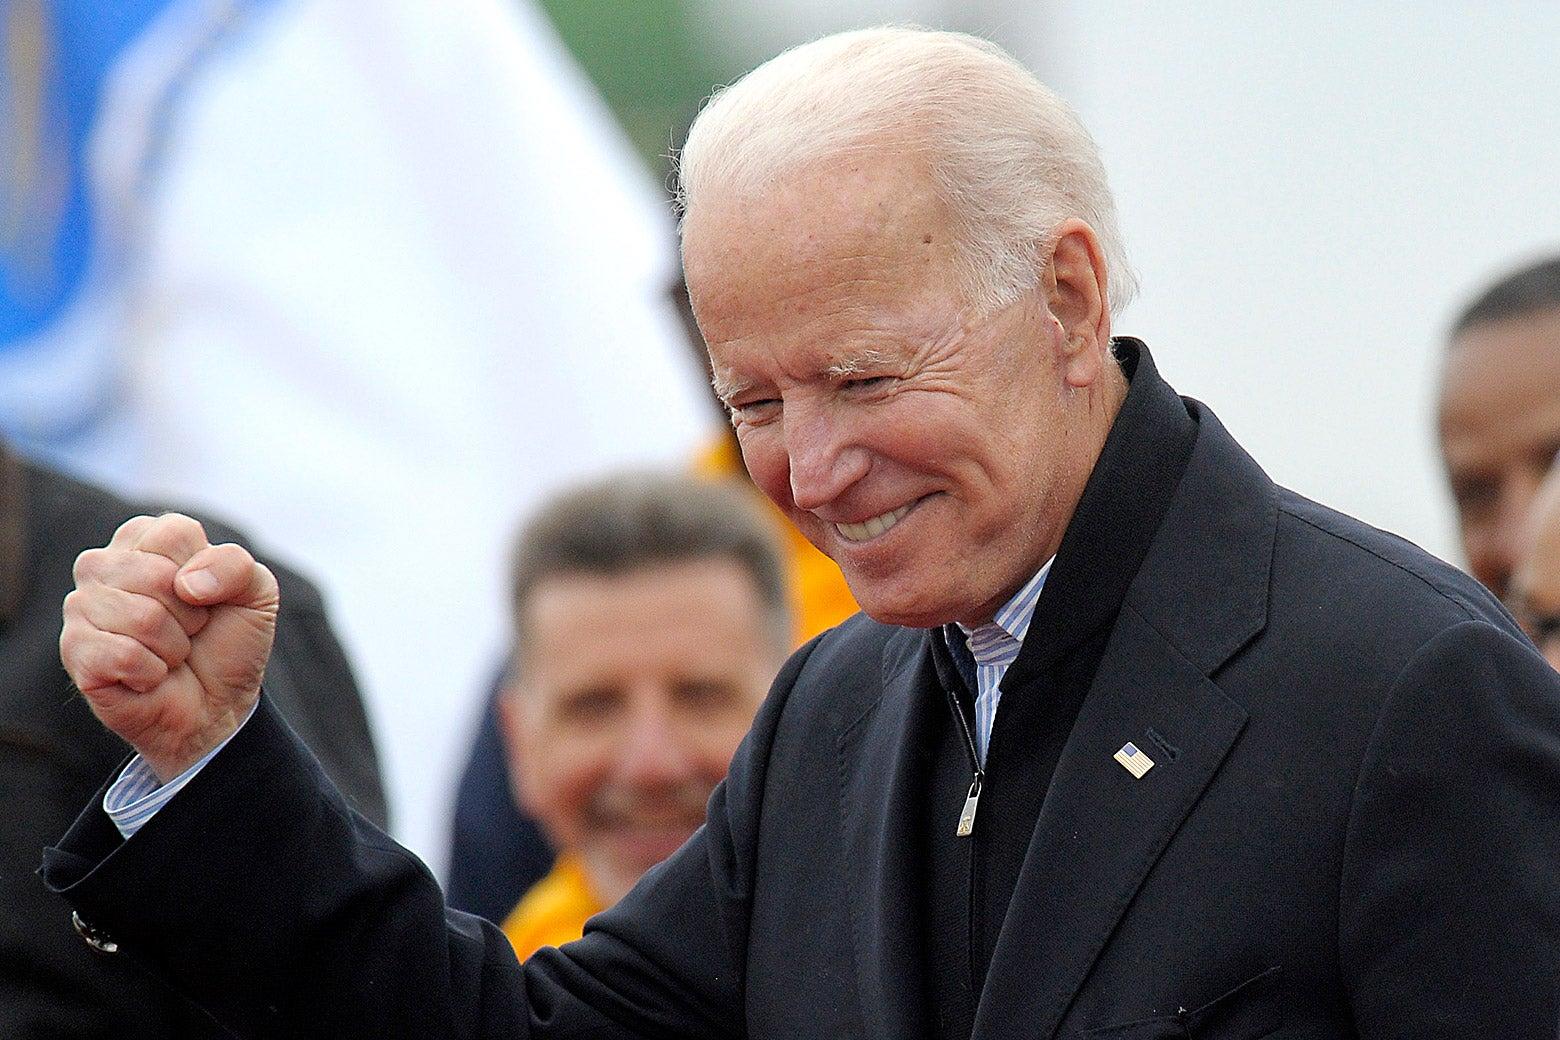 Joe Biden Announces He's Running for President